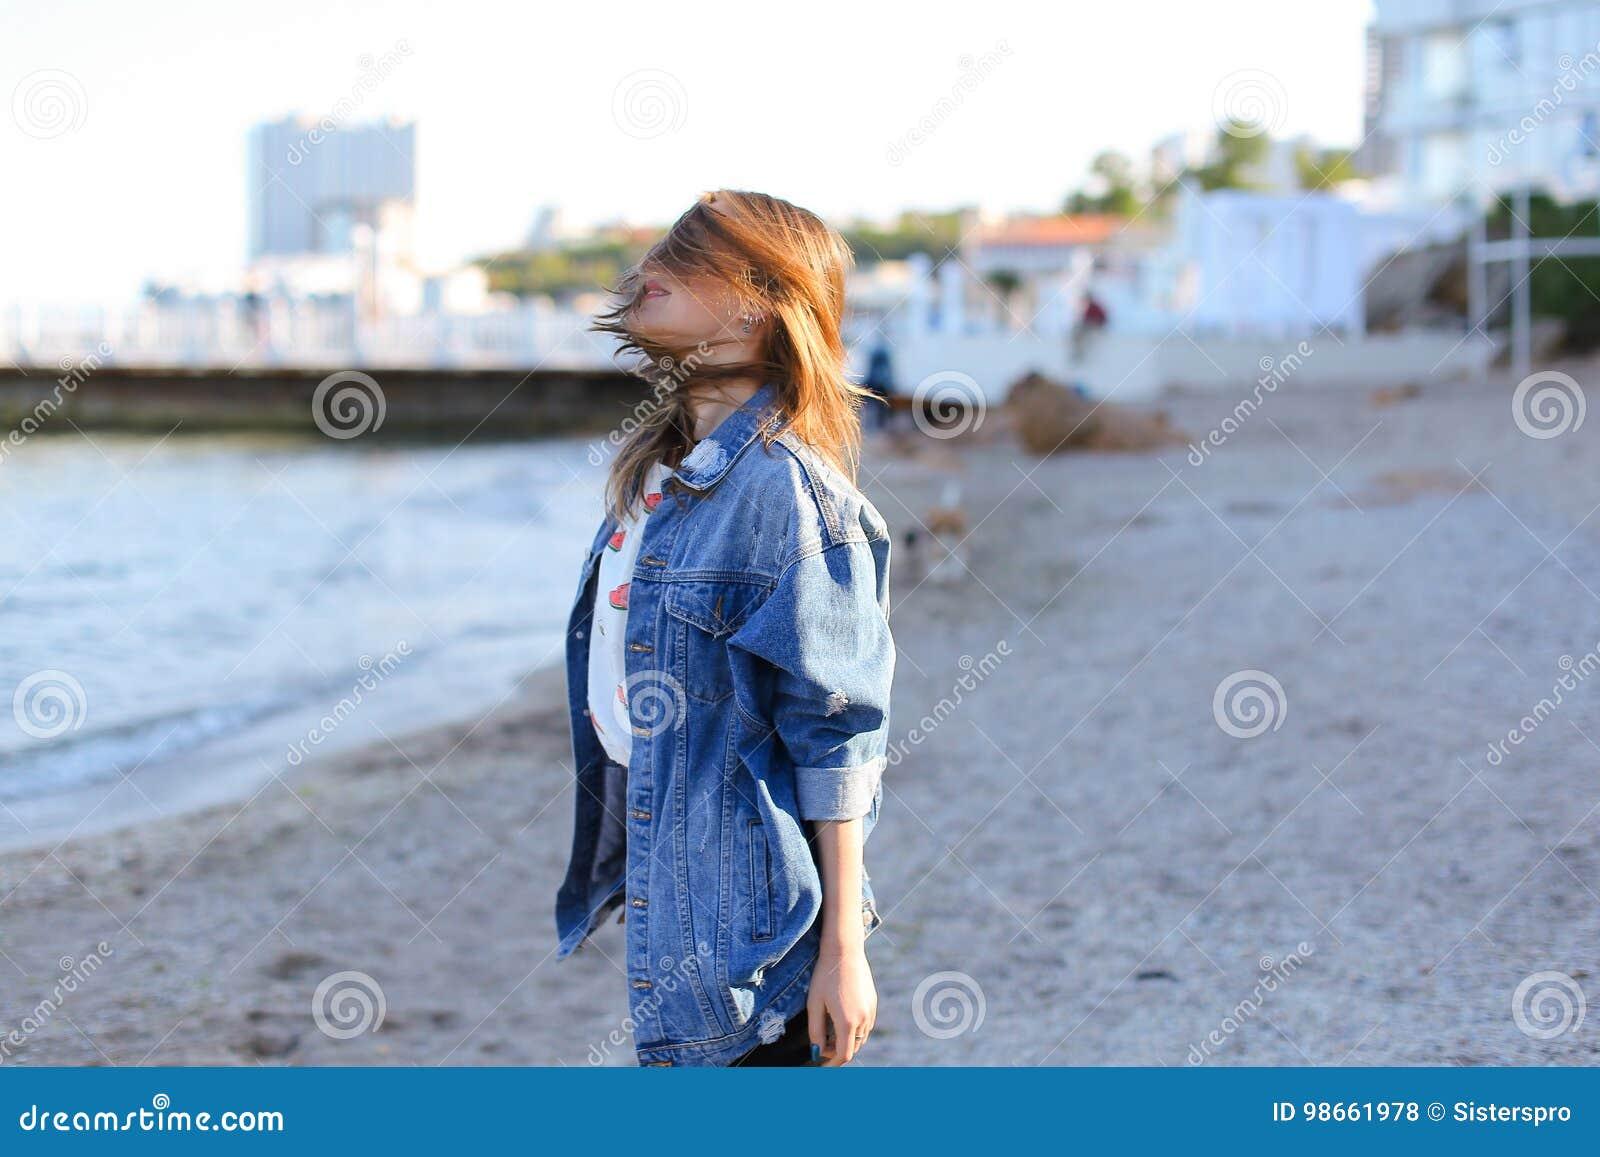 La Jolie Fille De L Air jolie fille appréciant l'air marin, supports sur le bord de